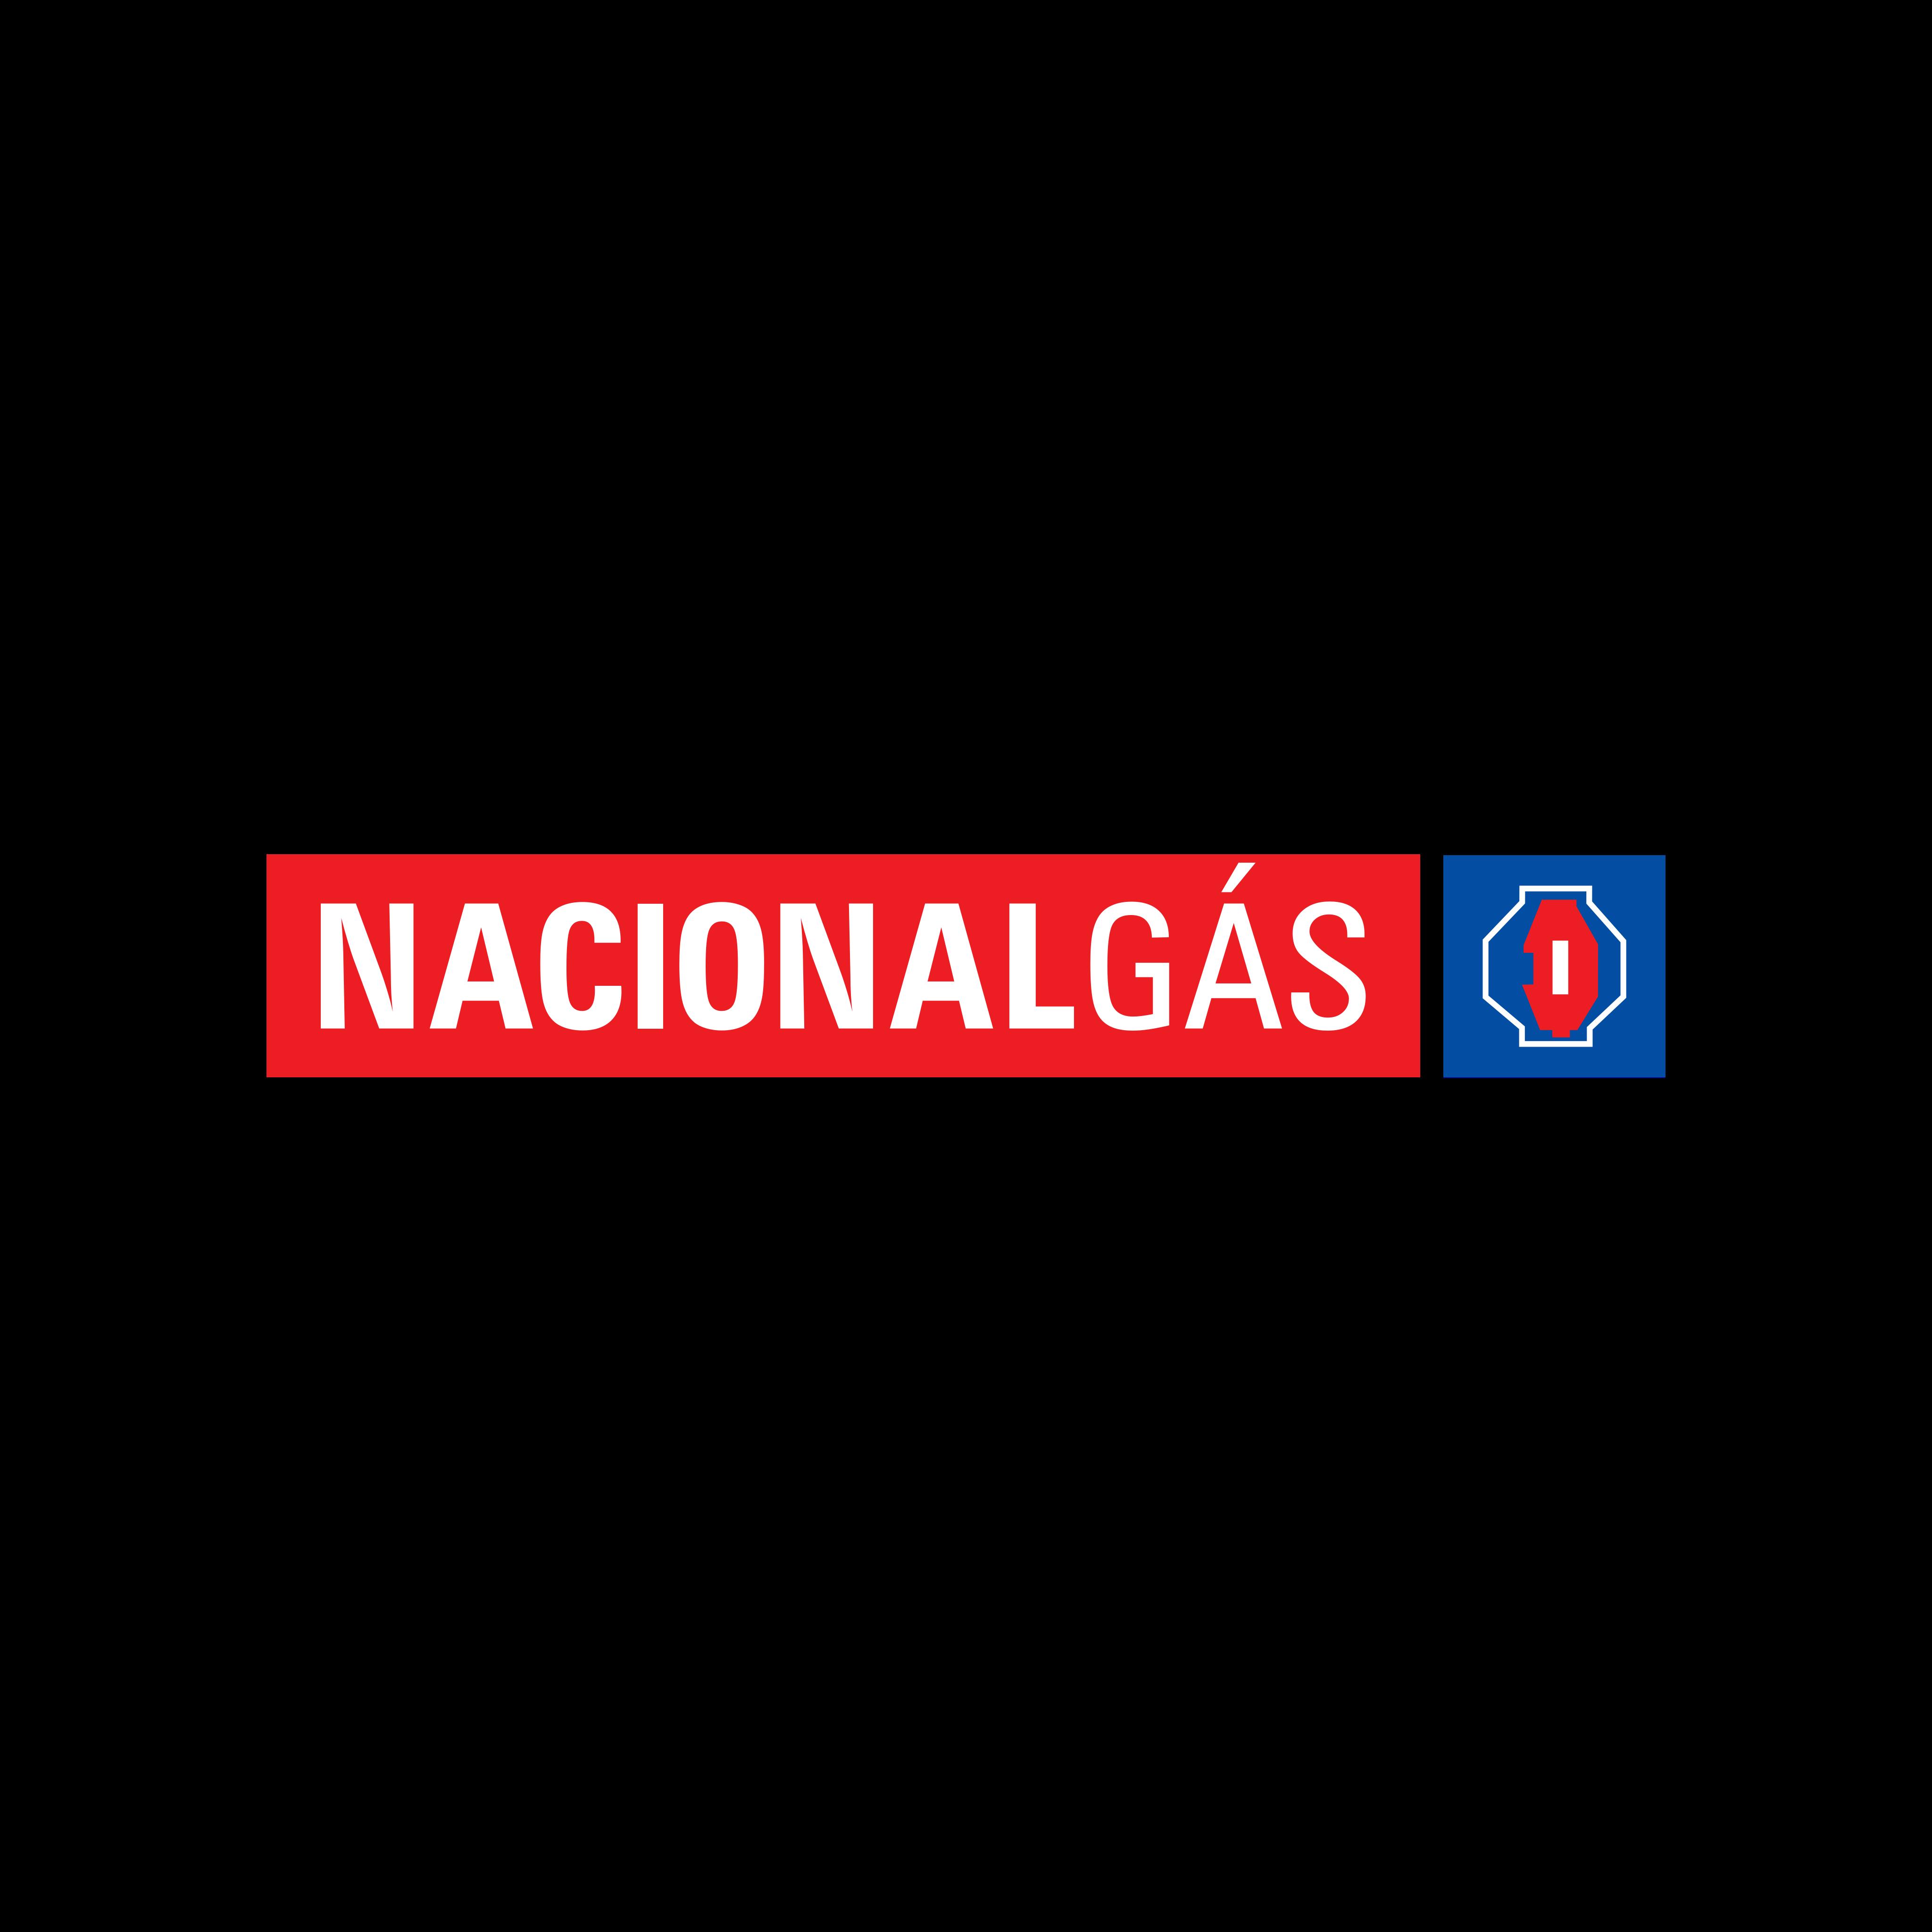 nacional gas logo 0 - Nacional Gás Logo